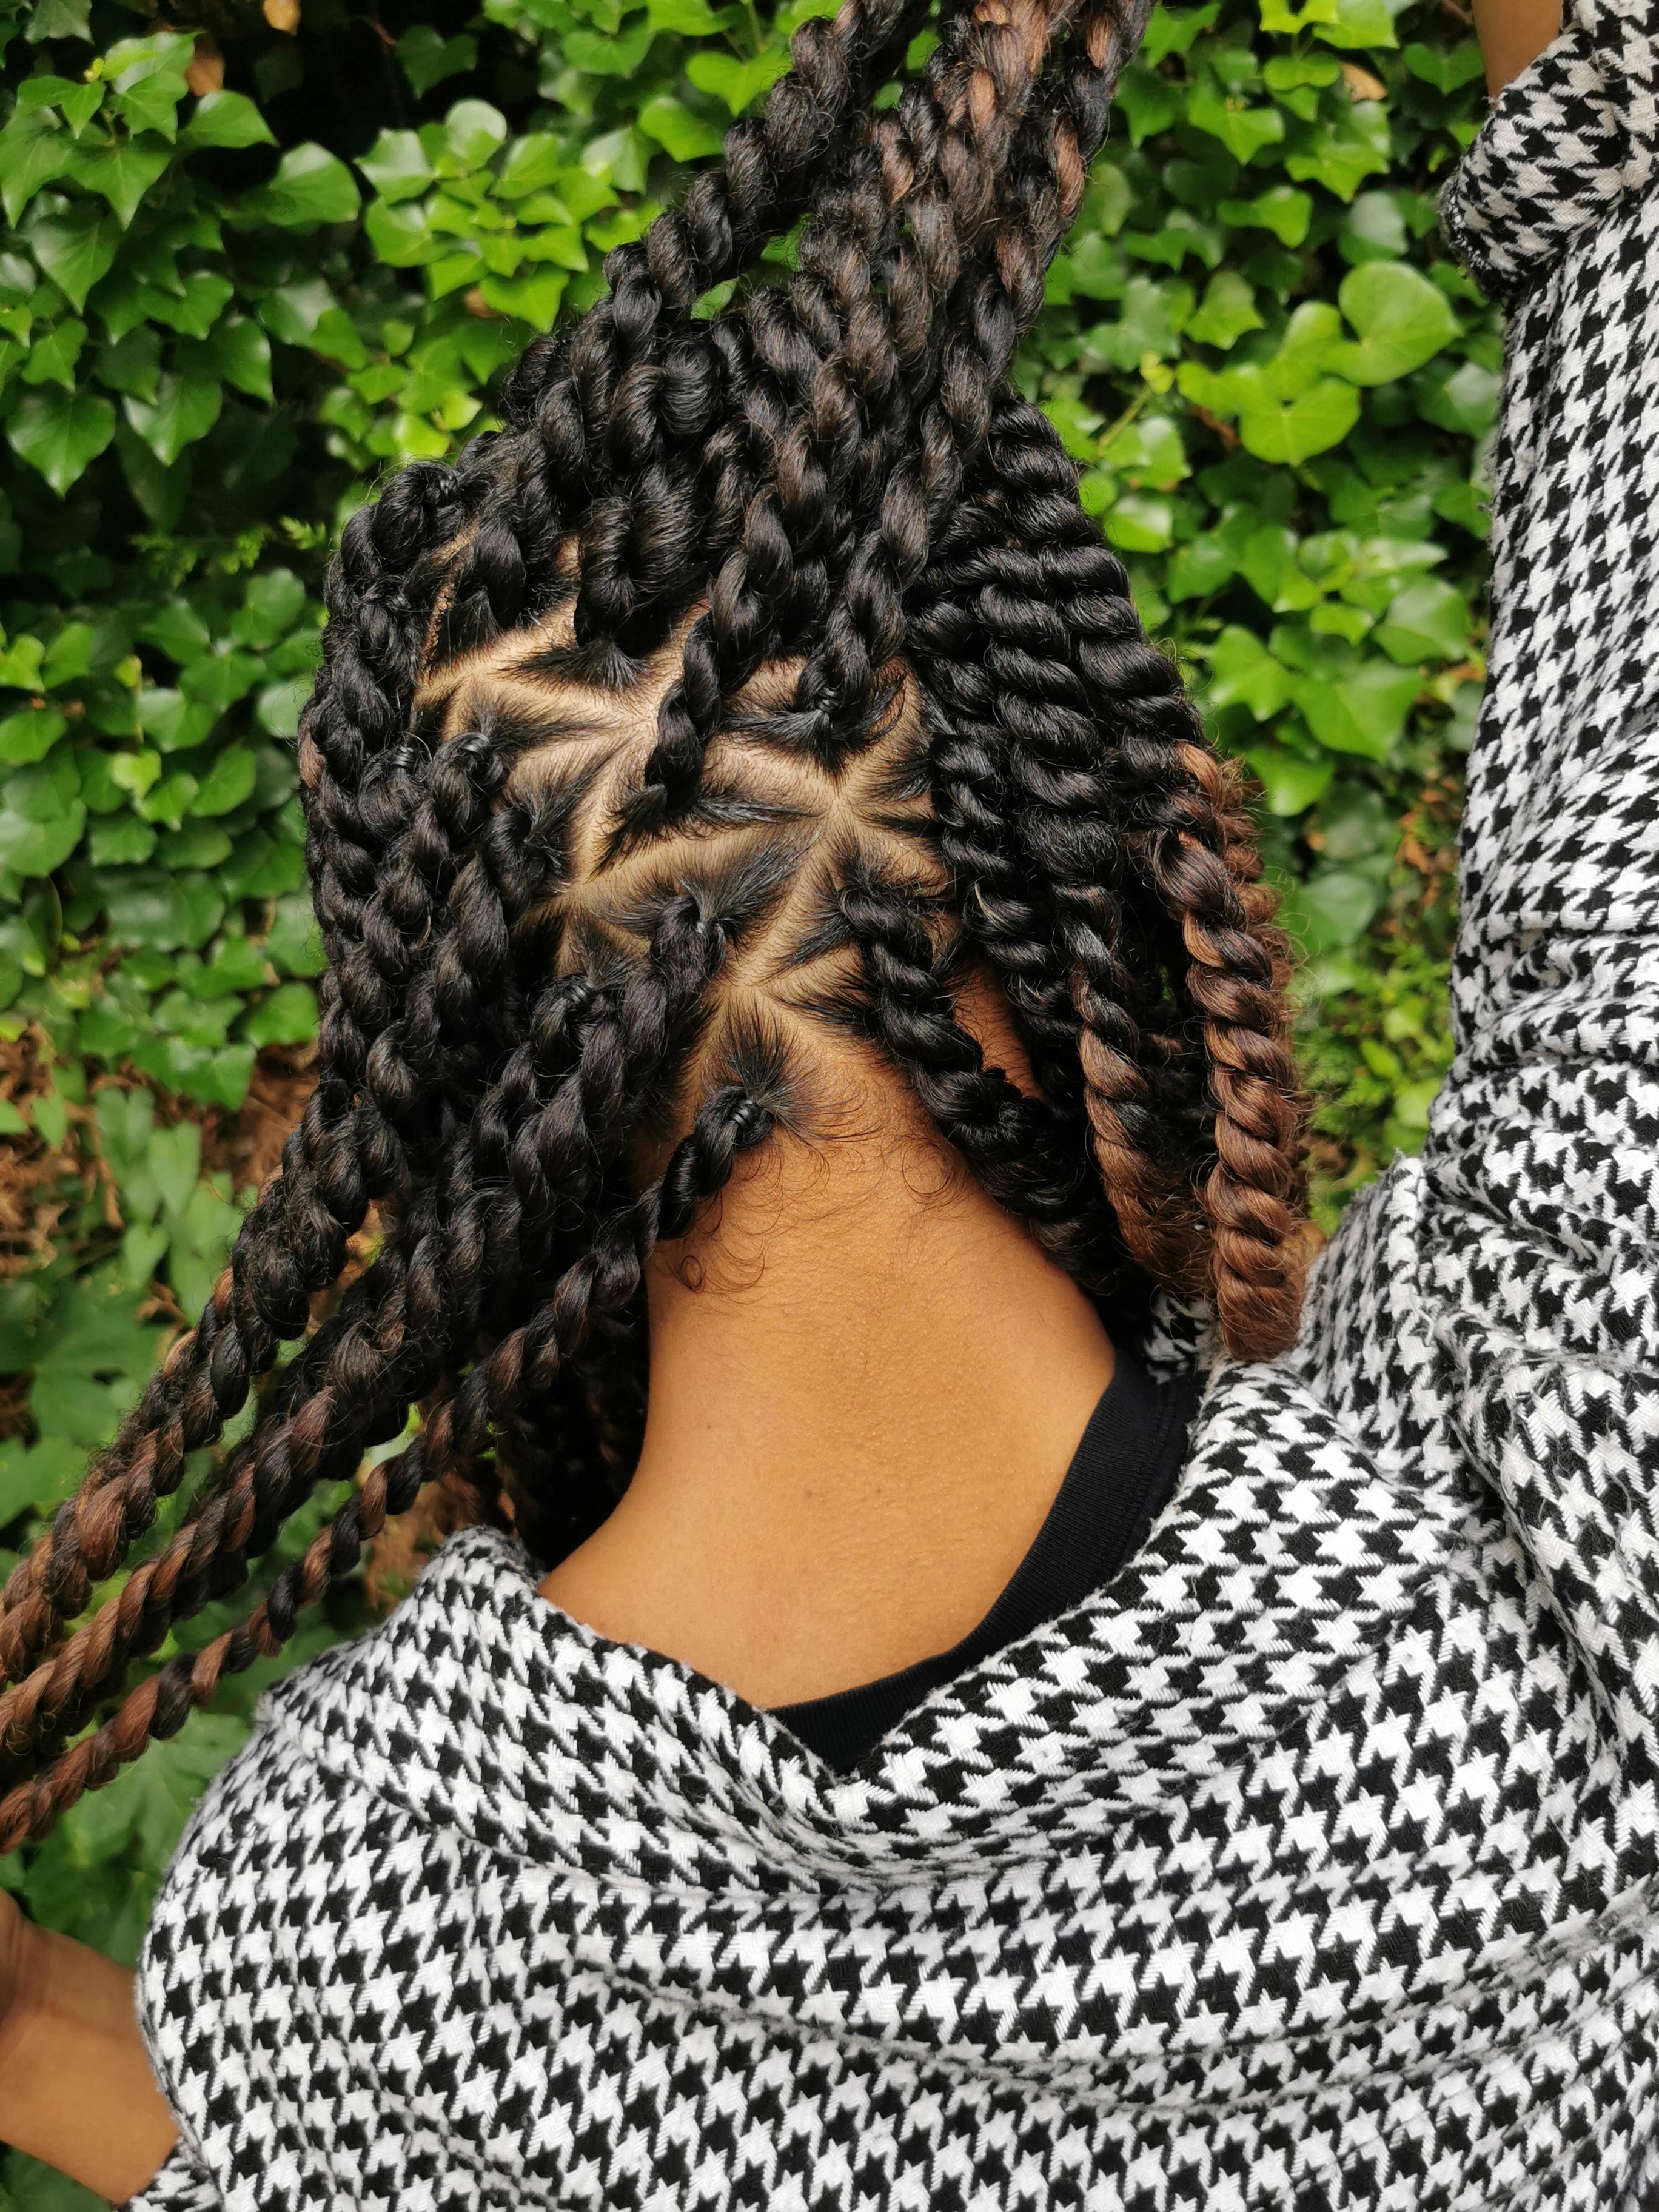 salon de coiffure afro tresse tresses box braids crochet braids vanilles tissages paris 75 77 78 91 92 93 94 95 GIWZEUQI